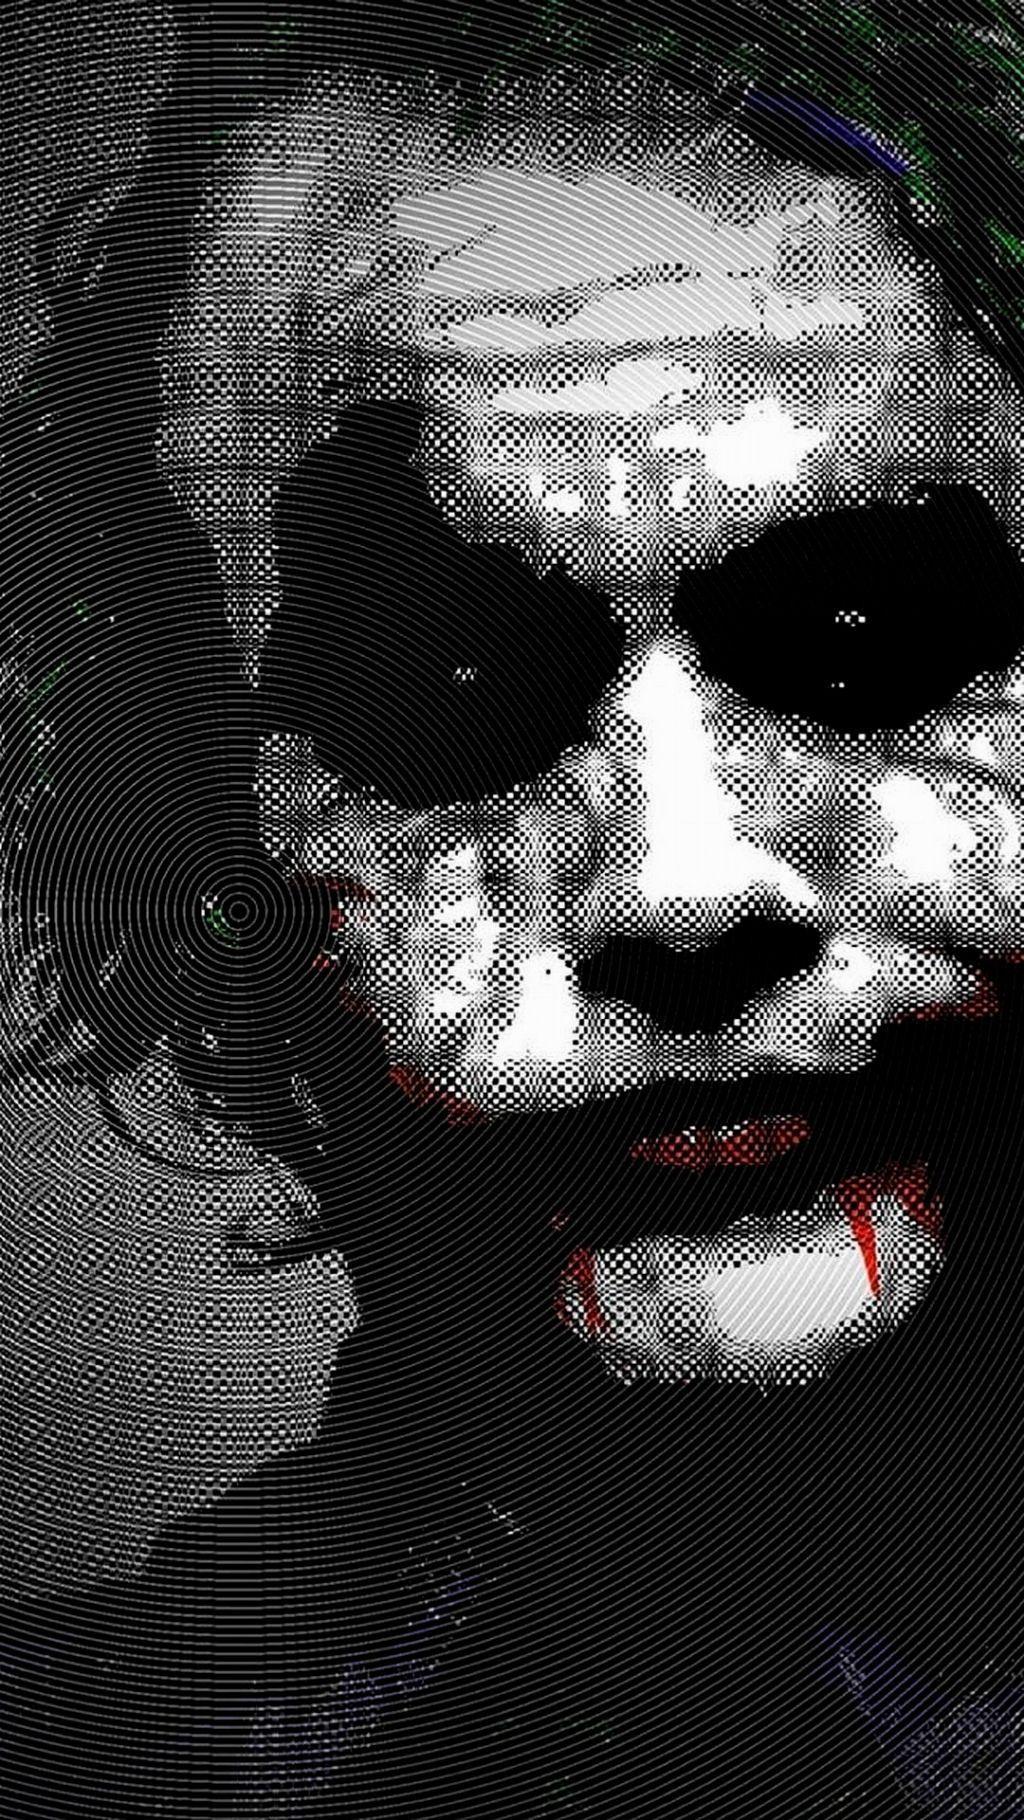 Iphone 8 Plus Wallpaper 4k Joker Ideas Joker Iphone Wallpaper Joker Hd Wallpaper Joker Wallpapers